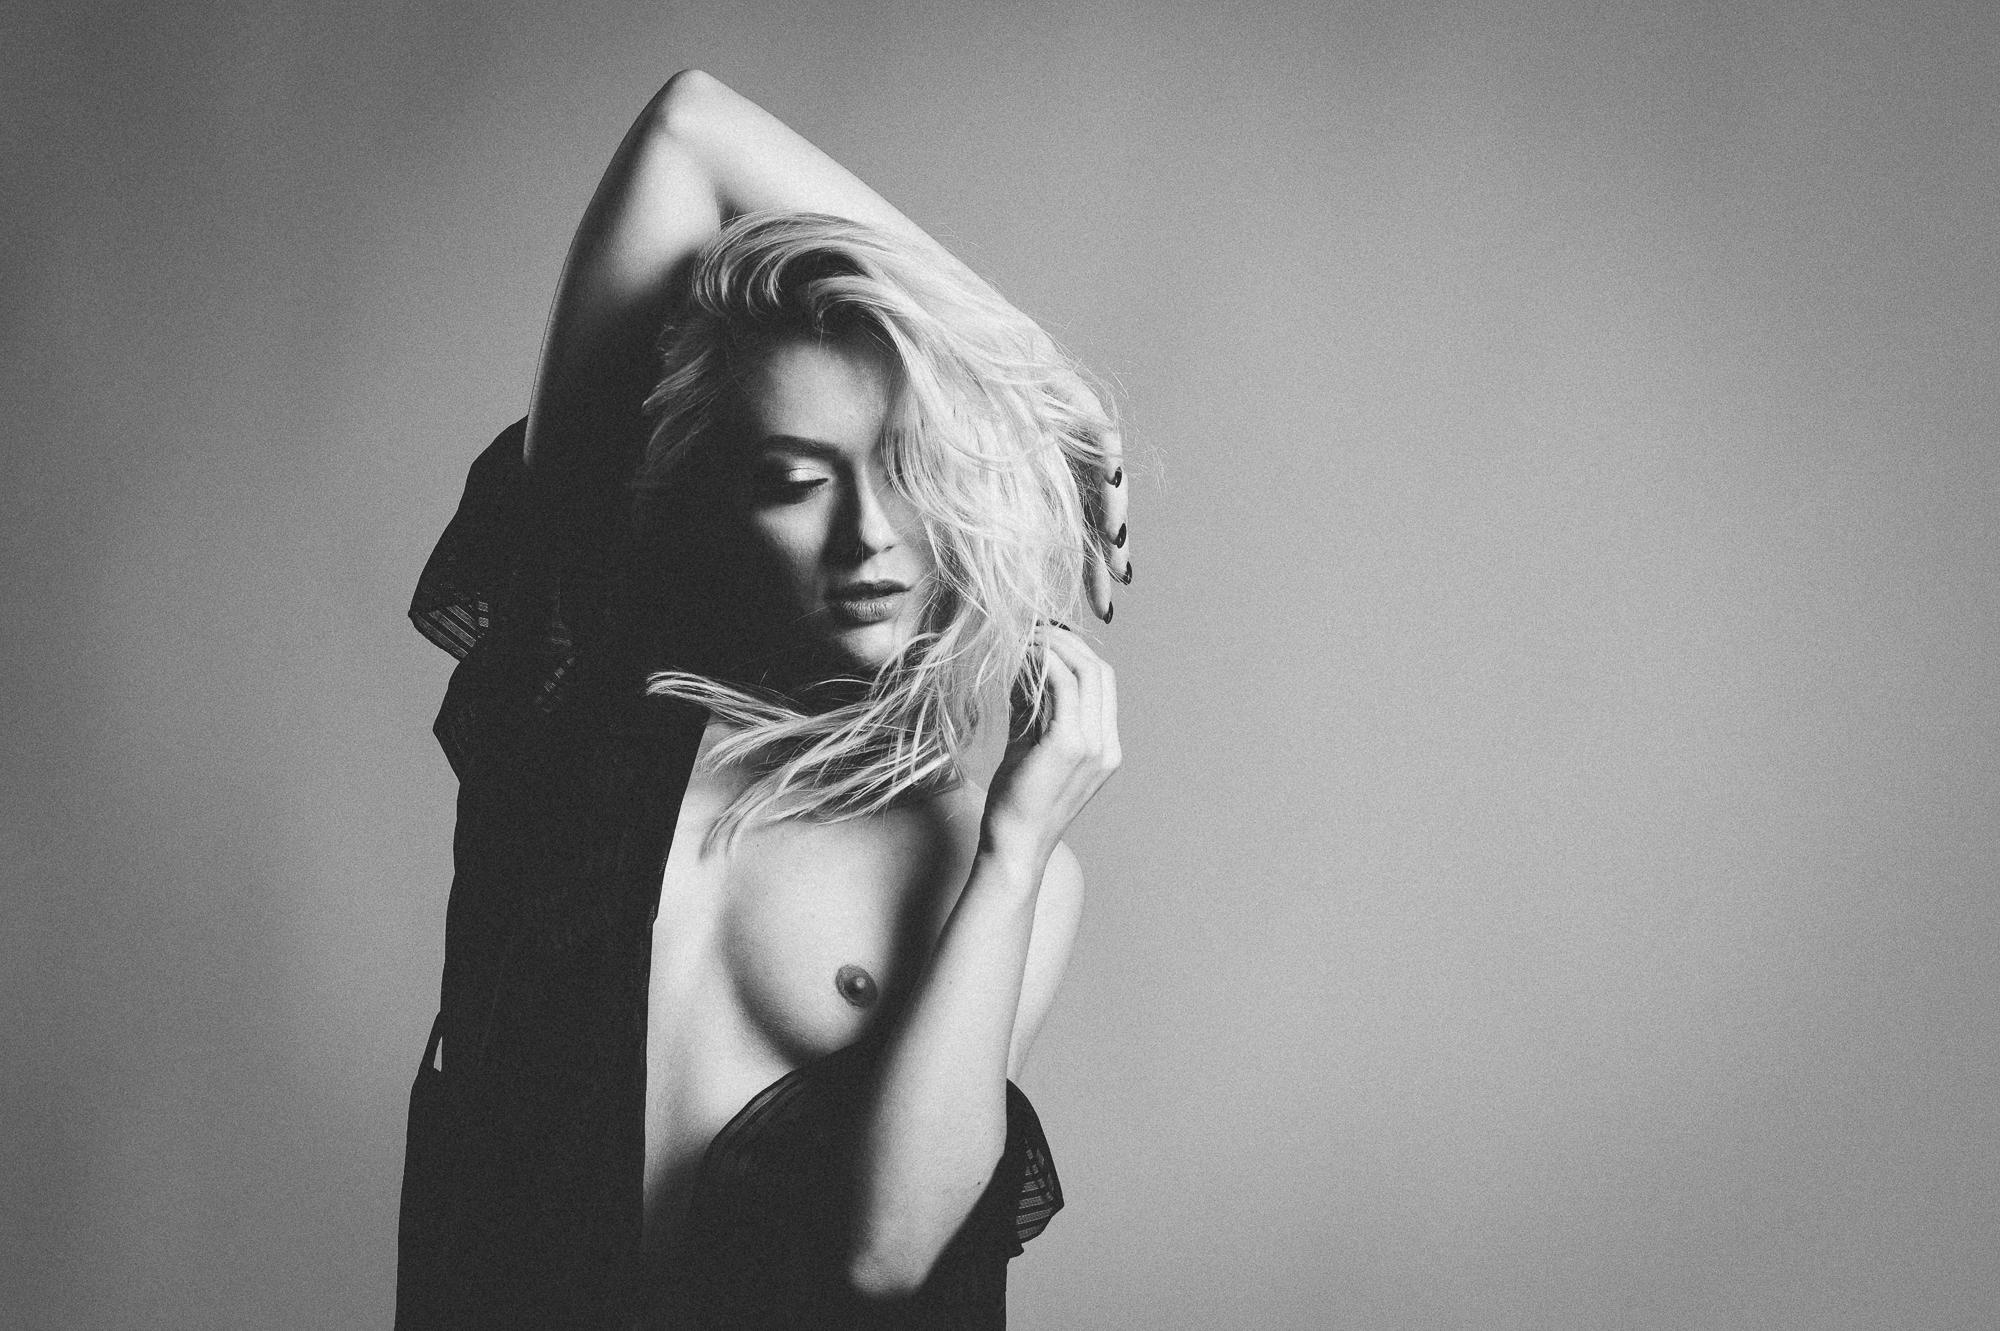 fotograf nud constanta (13)